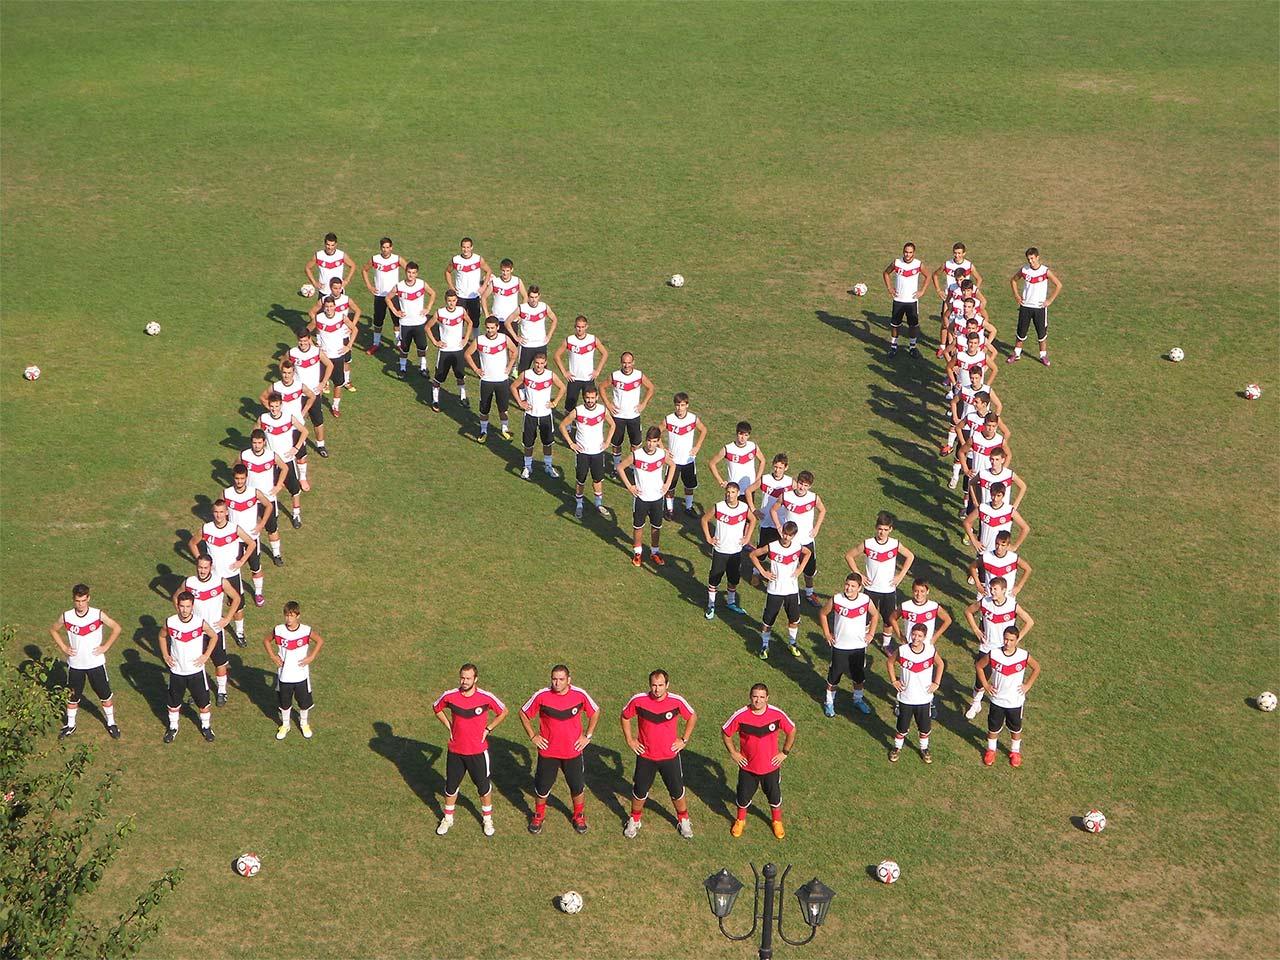 Νικητές FC - Καλλιεργούμε τη νοοτροπία του Νικητή - Γέρακας, Παλλήνη